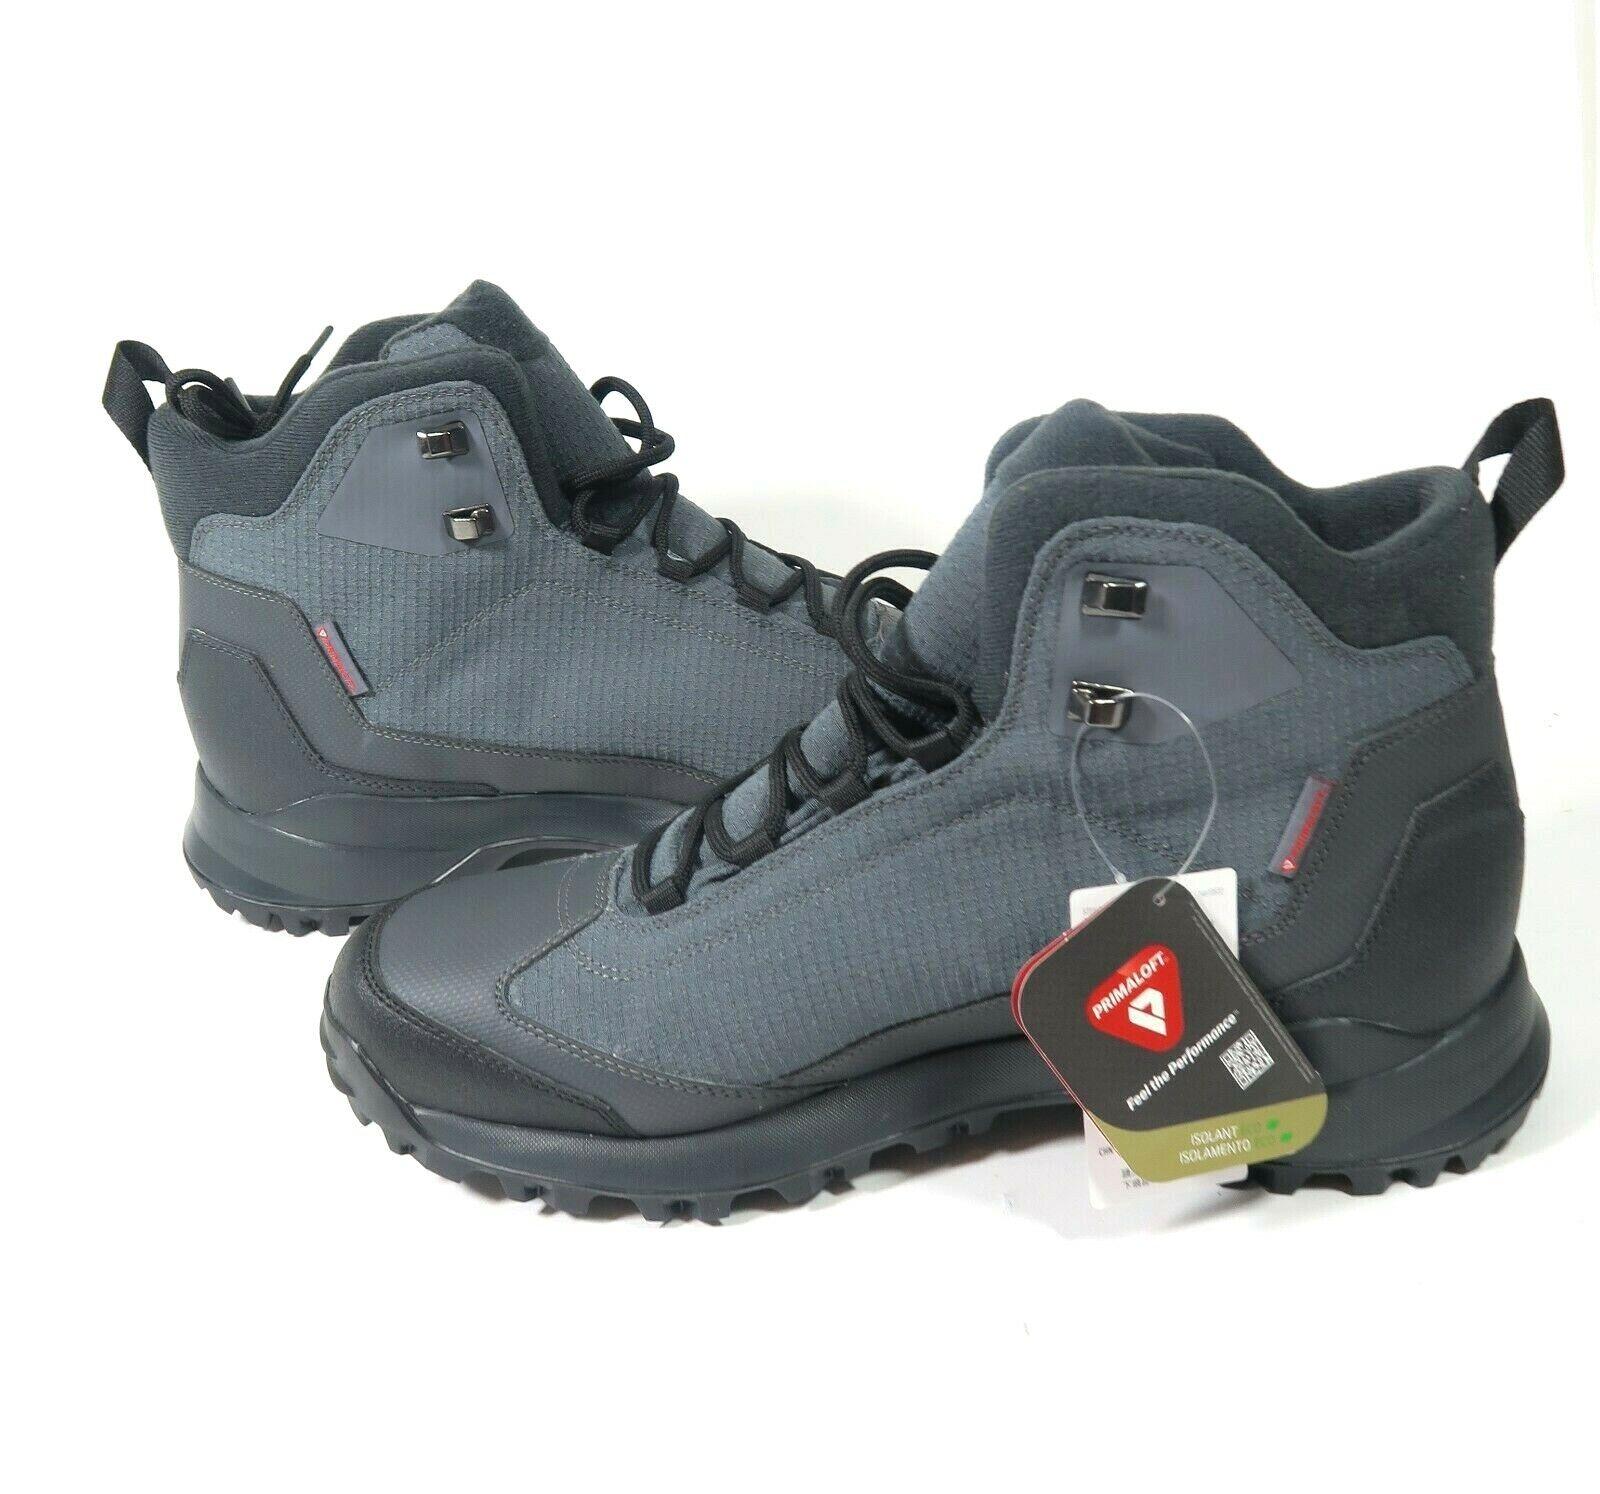 Men's Adidas Terrex Heron Mid Mid Mid CW CP Winter shoes Grey AC7842 Size 10.5 0fcabf